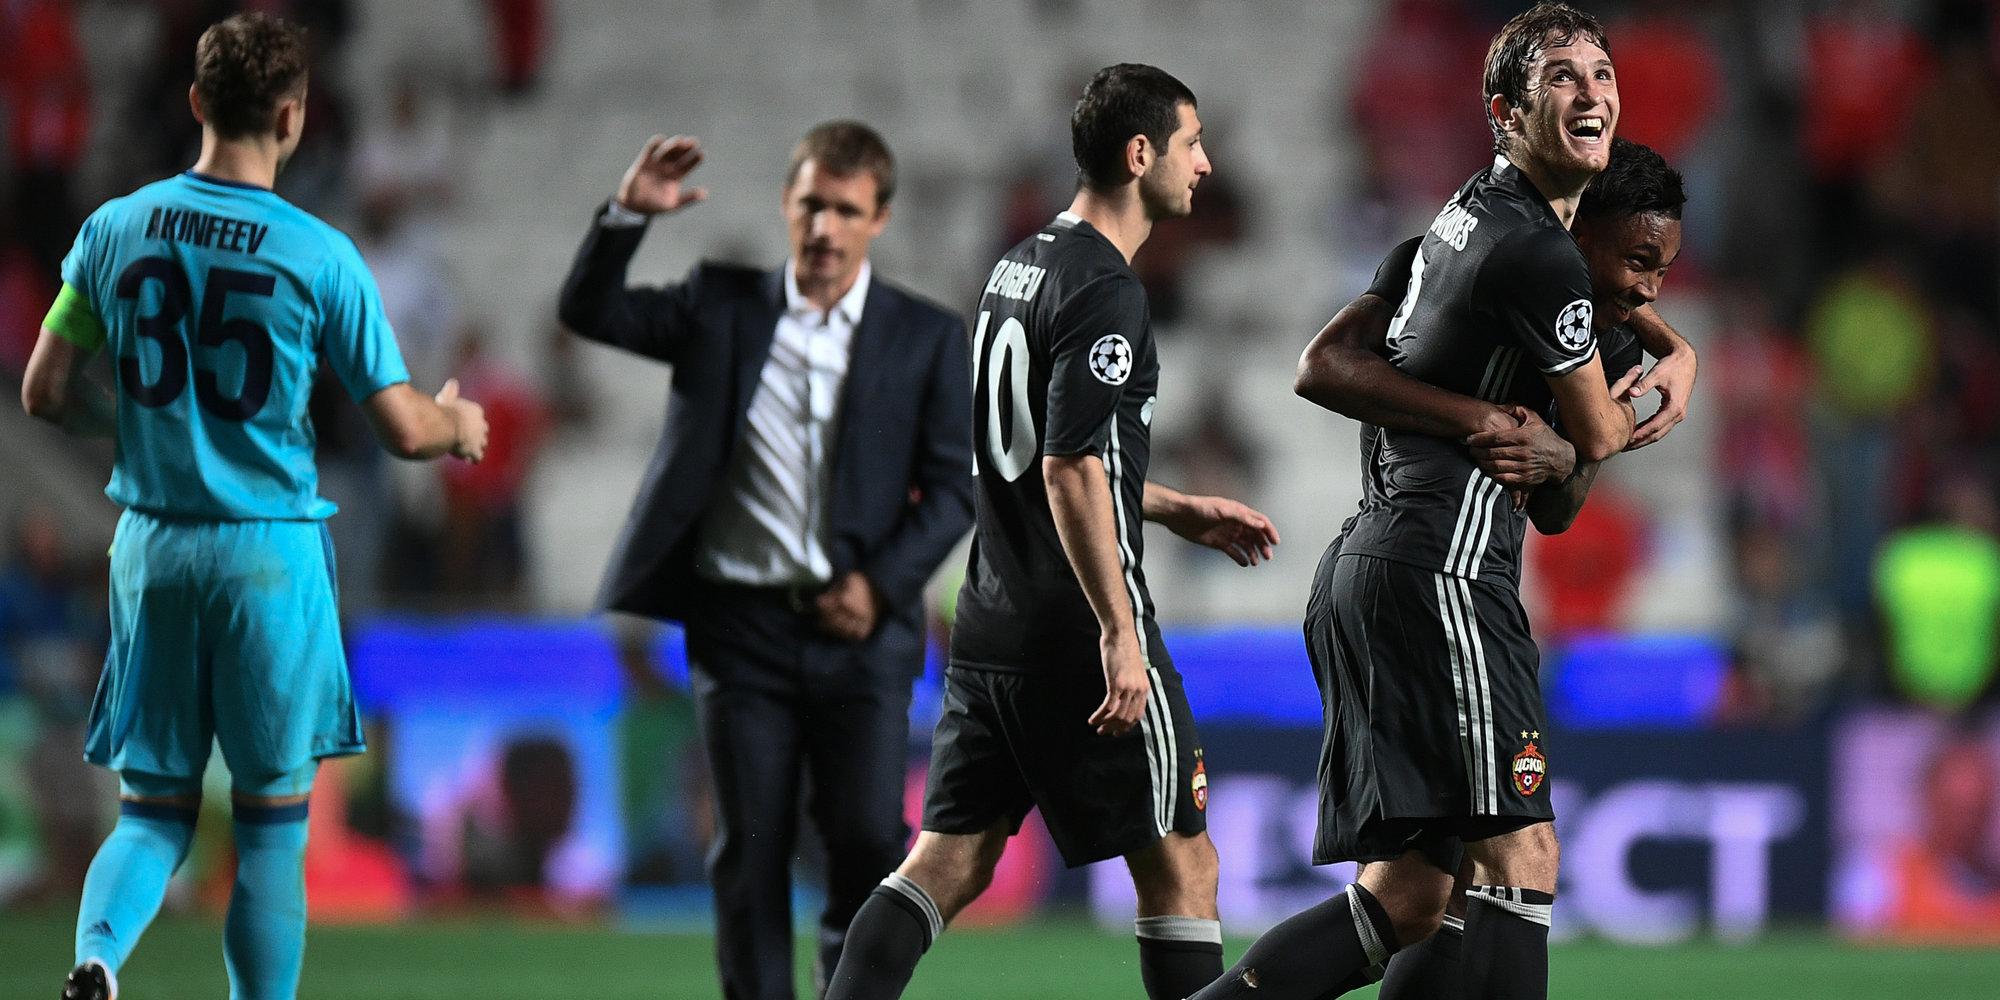 РФ увеличила отрыв отПортугалии врейтинге УЕФА